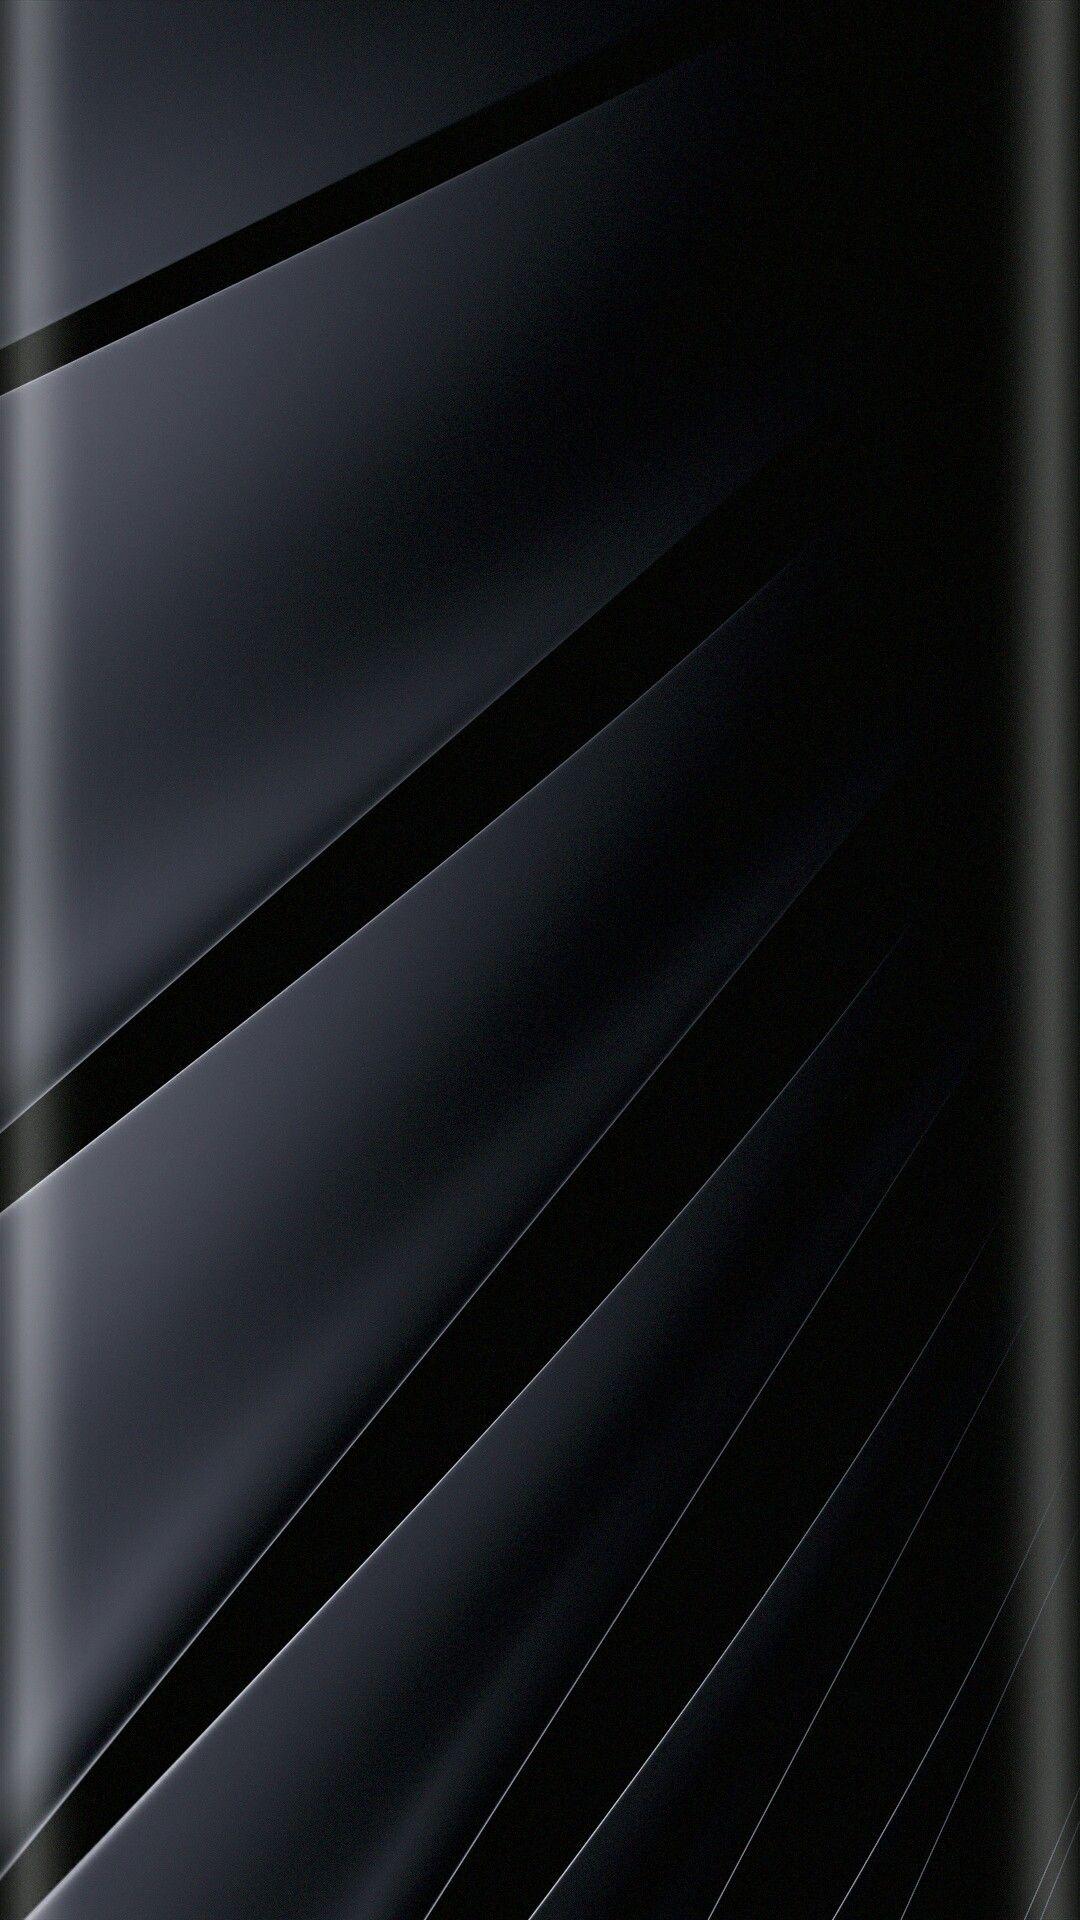 Beautiful Wallpaper Macbook Geometric - a051bd995246f7f67119b0f339914816  Pic_928563.jpg